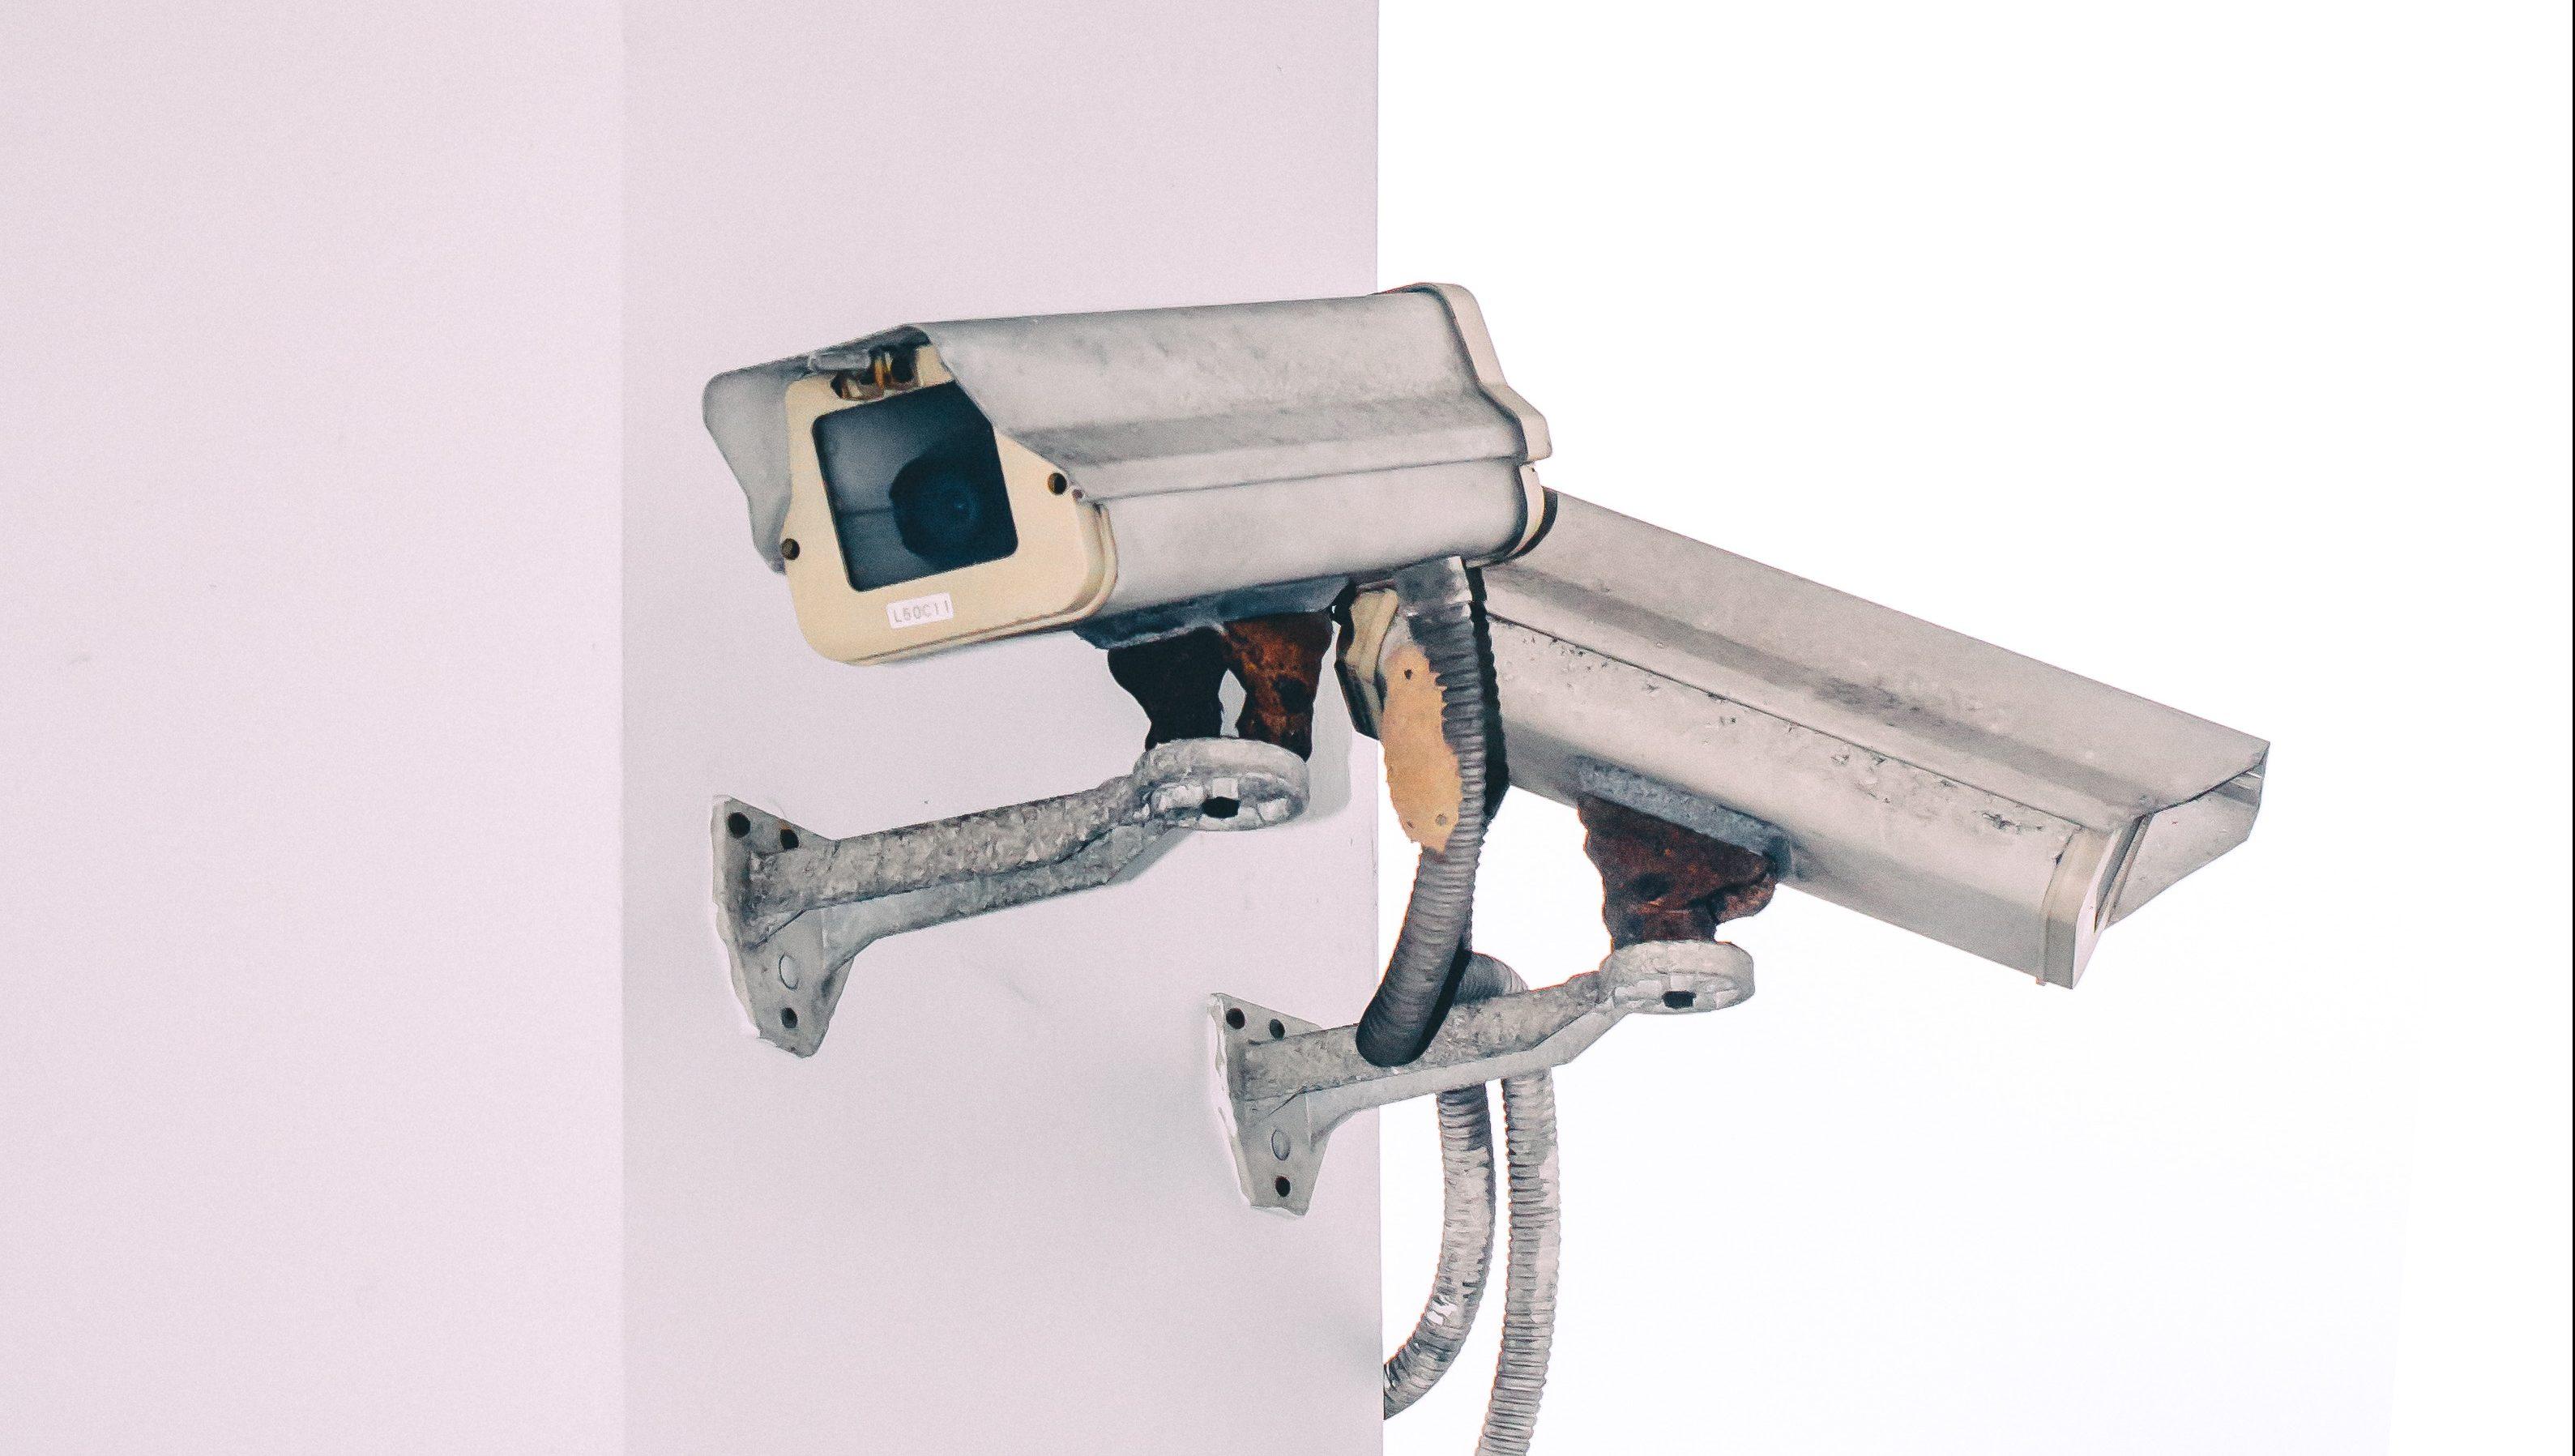 Videoüberwachung in Bahnhöfen: 13 Milliarden für ein paar Kameras